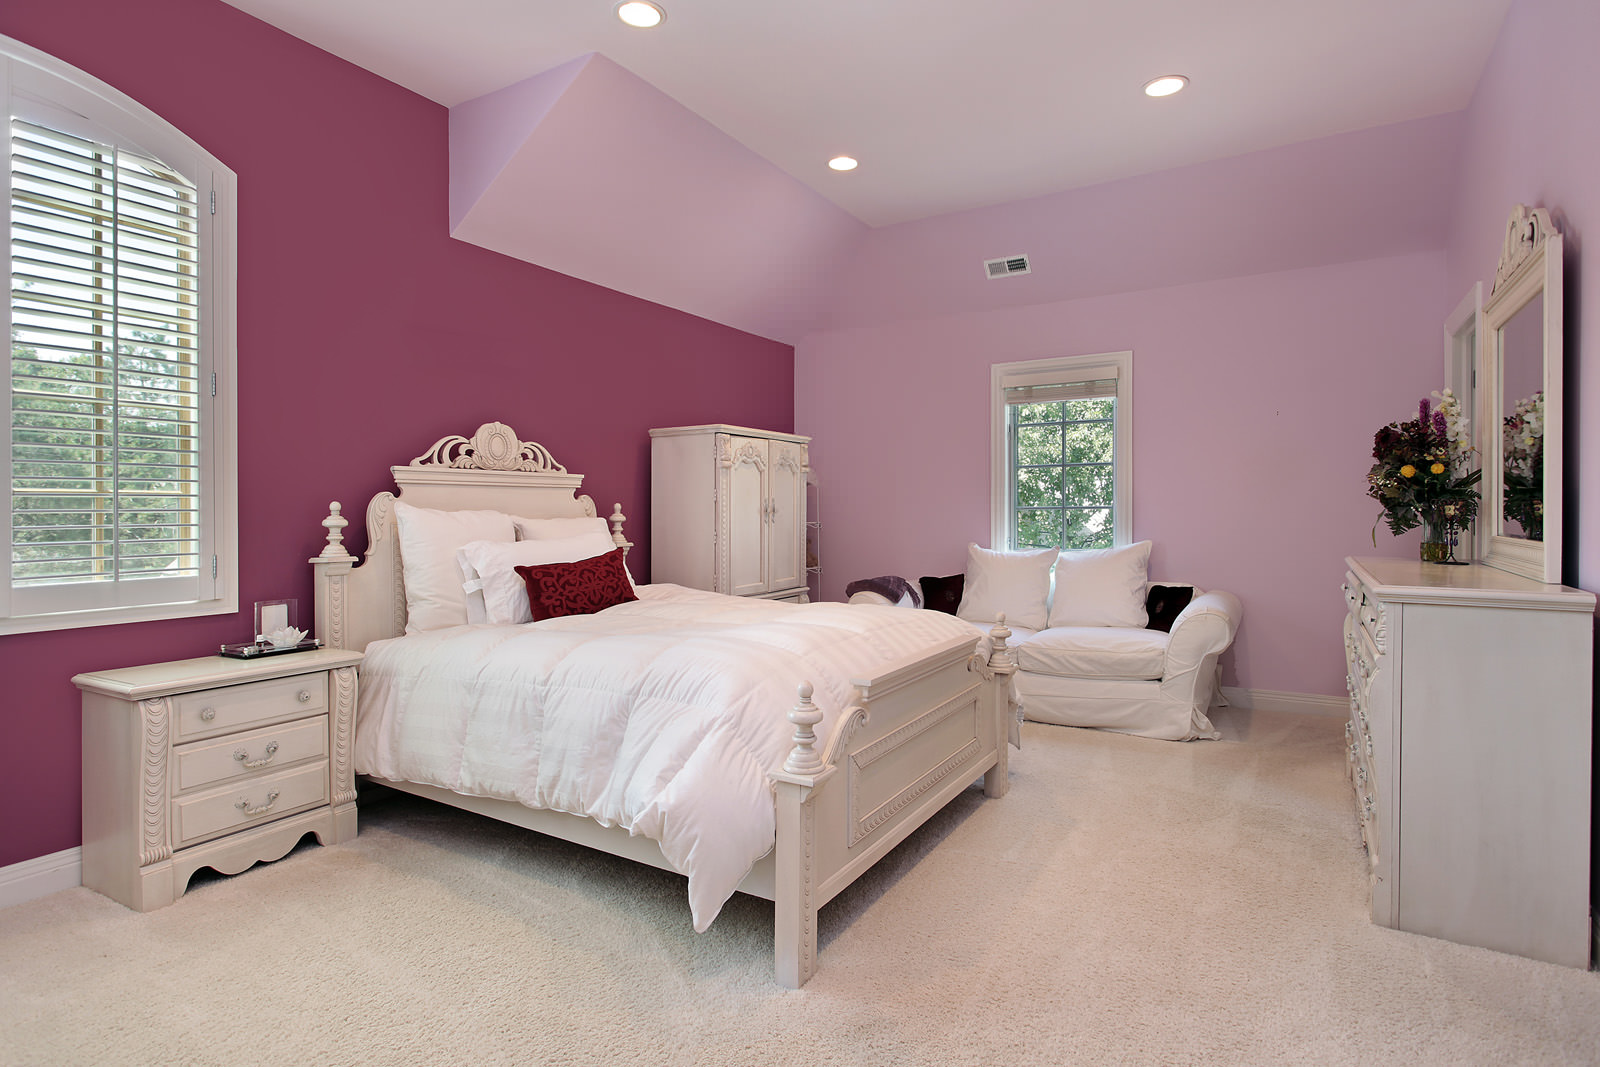 Варианты применения комбинированных обоев разных тонов в спальне